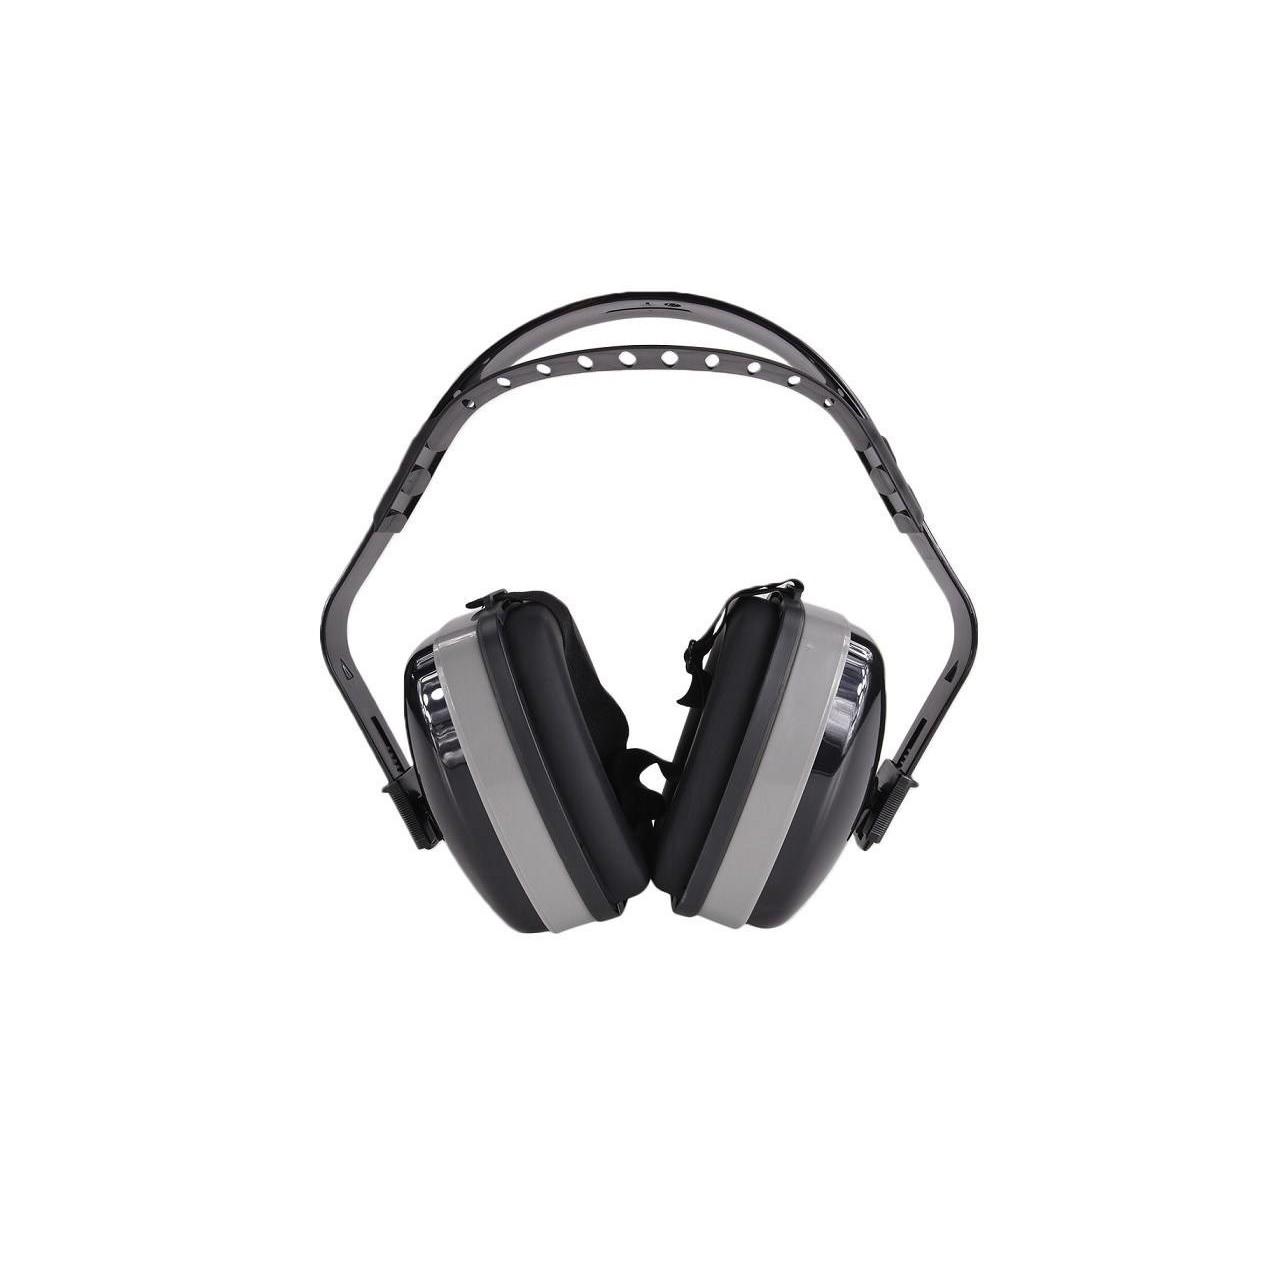 محافظ گوش هانیول مدل VIKING V3